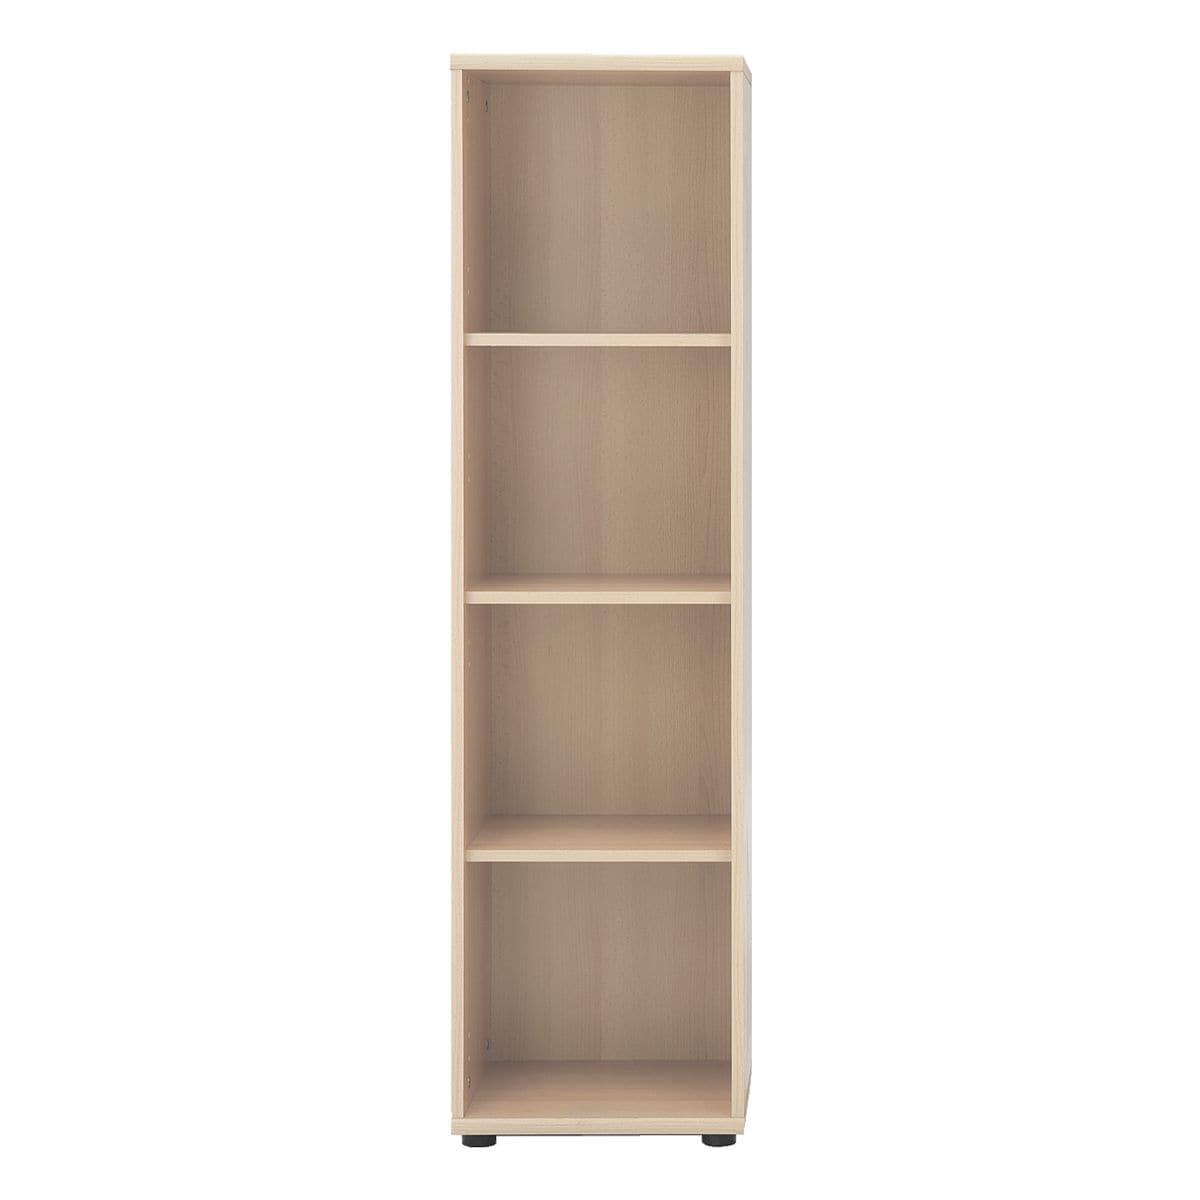 schomburg aktenregal smileline iv 40 cm schmal 4 oh bei otto office g nstig kaufen. Black Bedroom Furniture Sets. Home Design Ideas